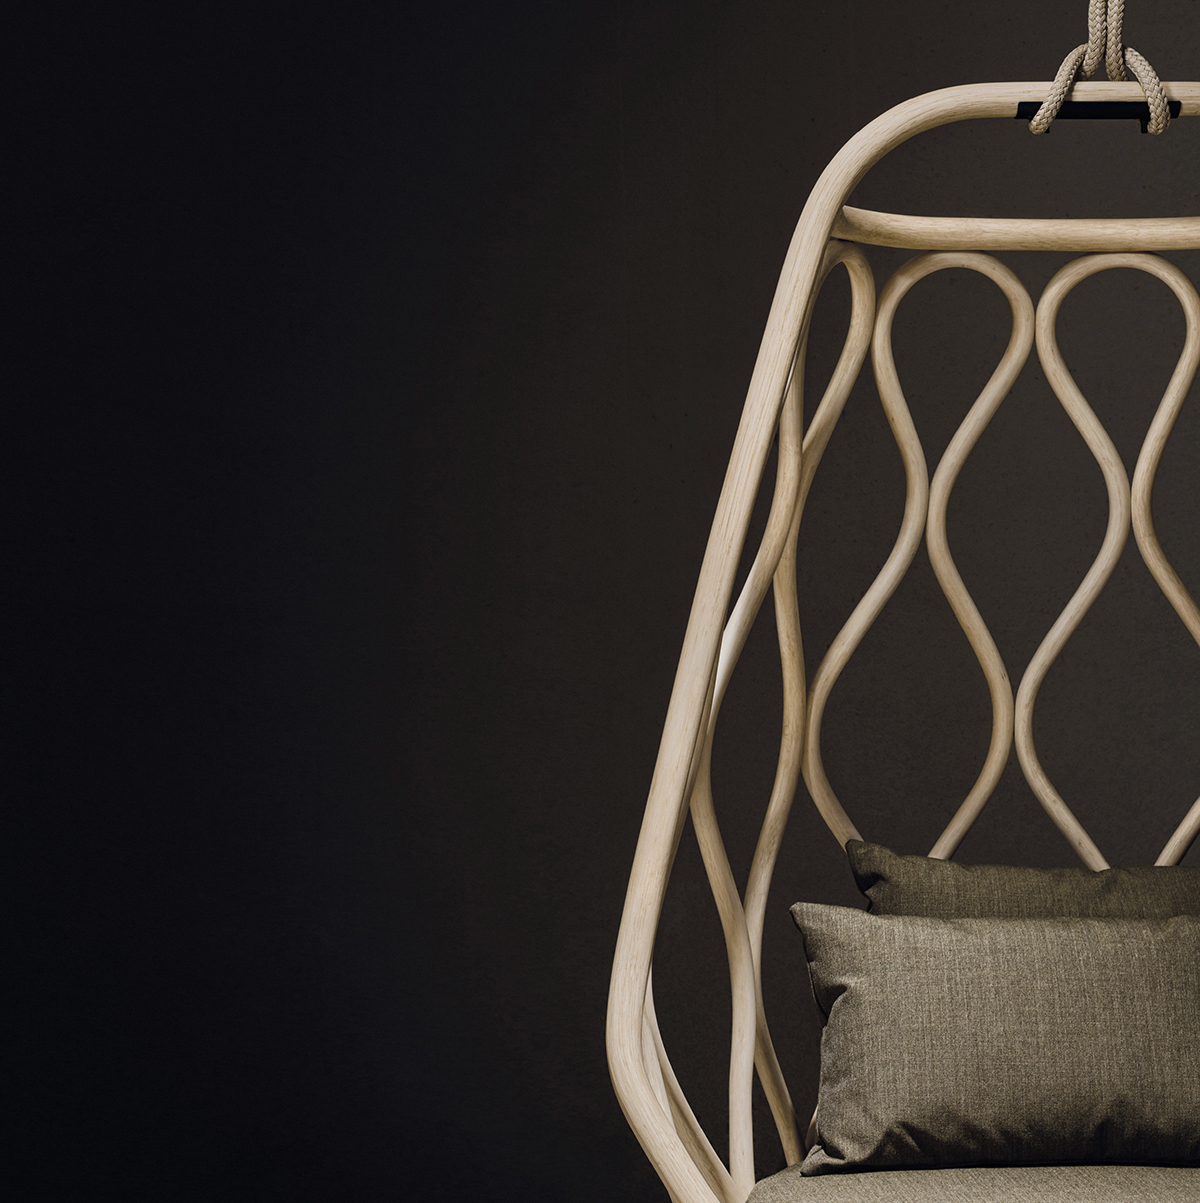 nautica-swing-chair-mut-design-expormim-handmade-furniture-indoor-01